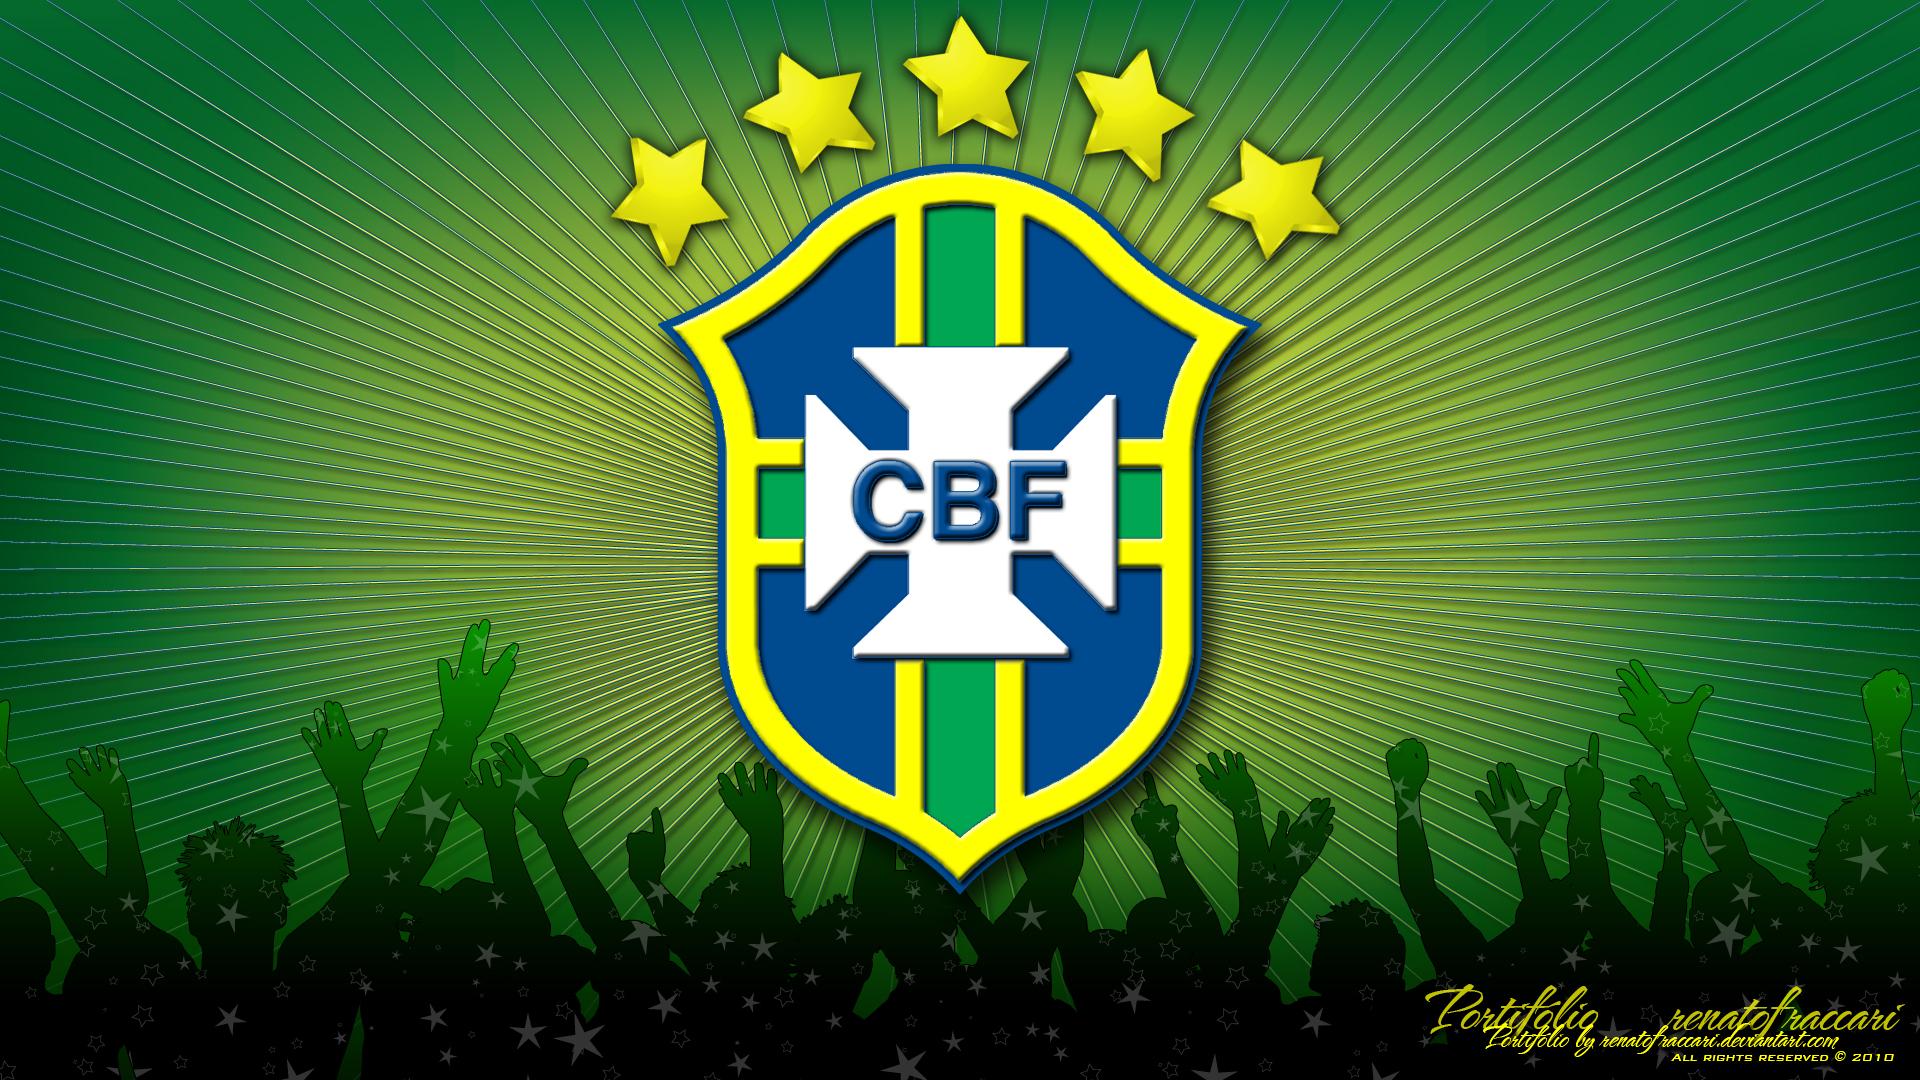 Cbf Brasil wallpaper   281824 1920x1080